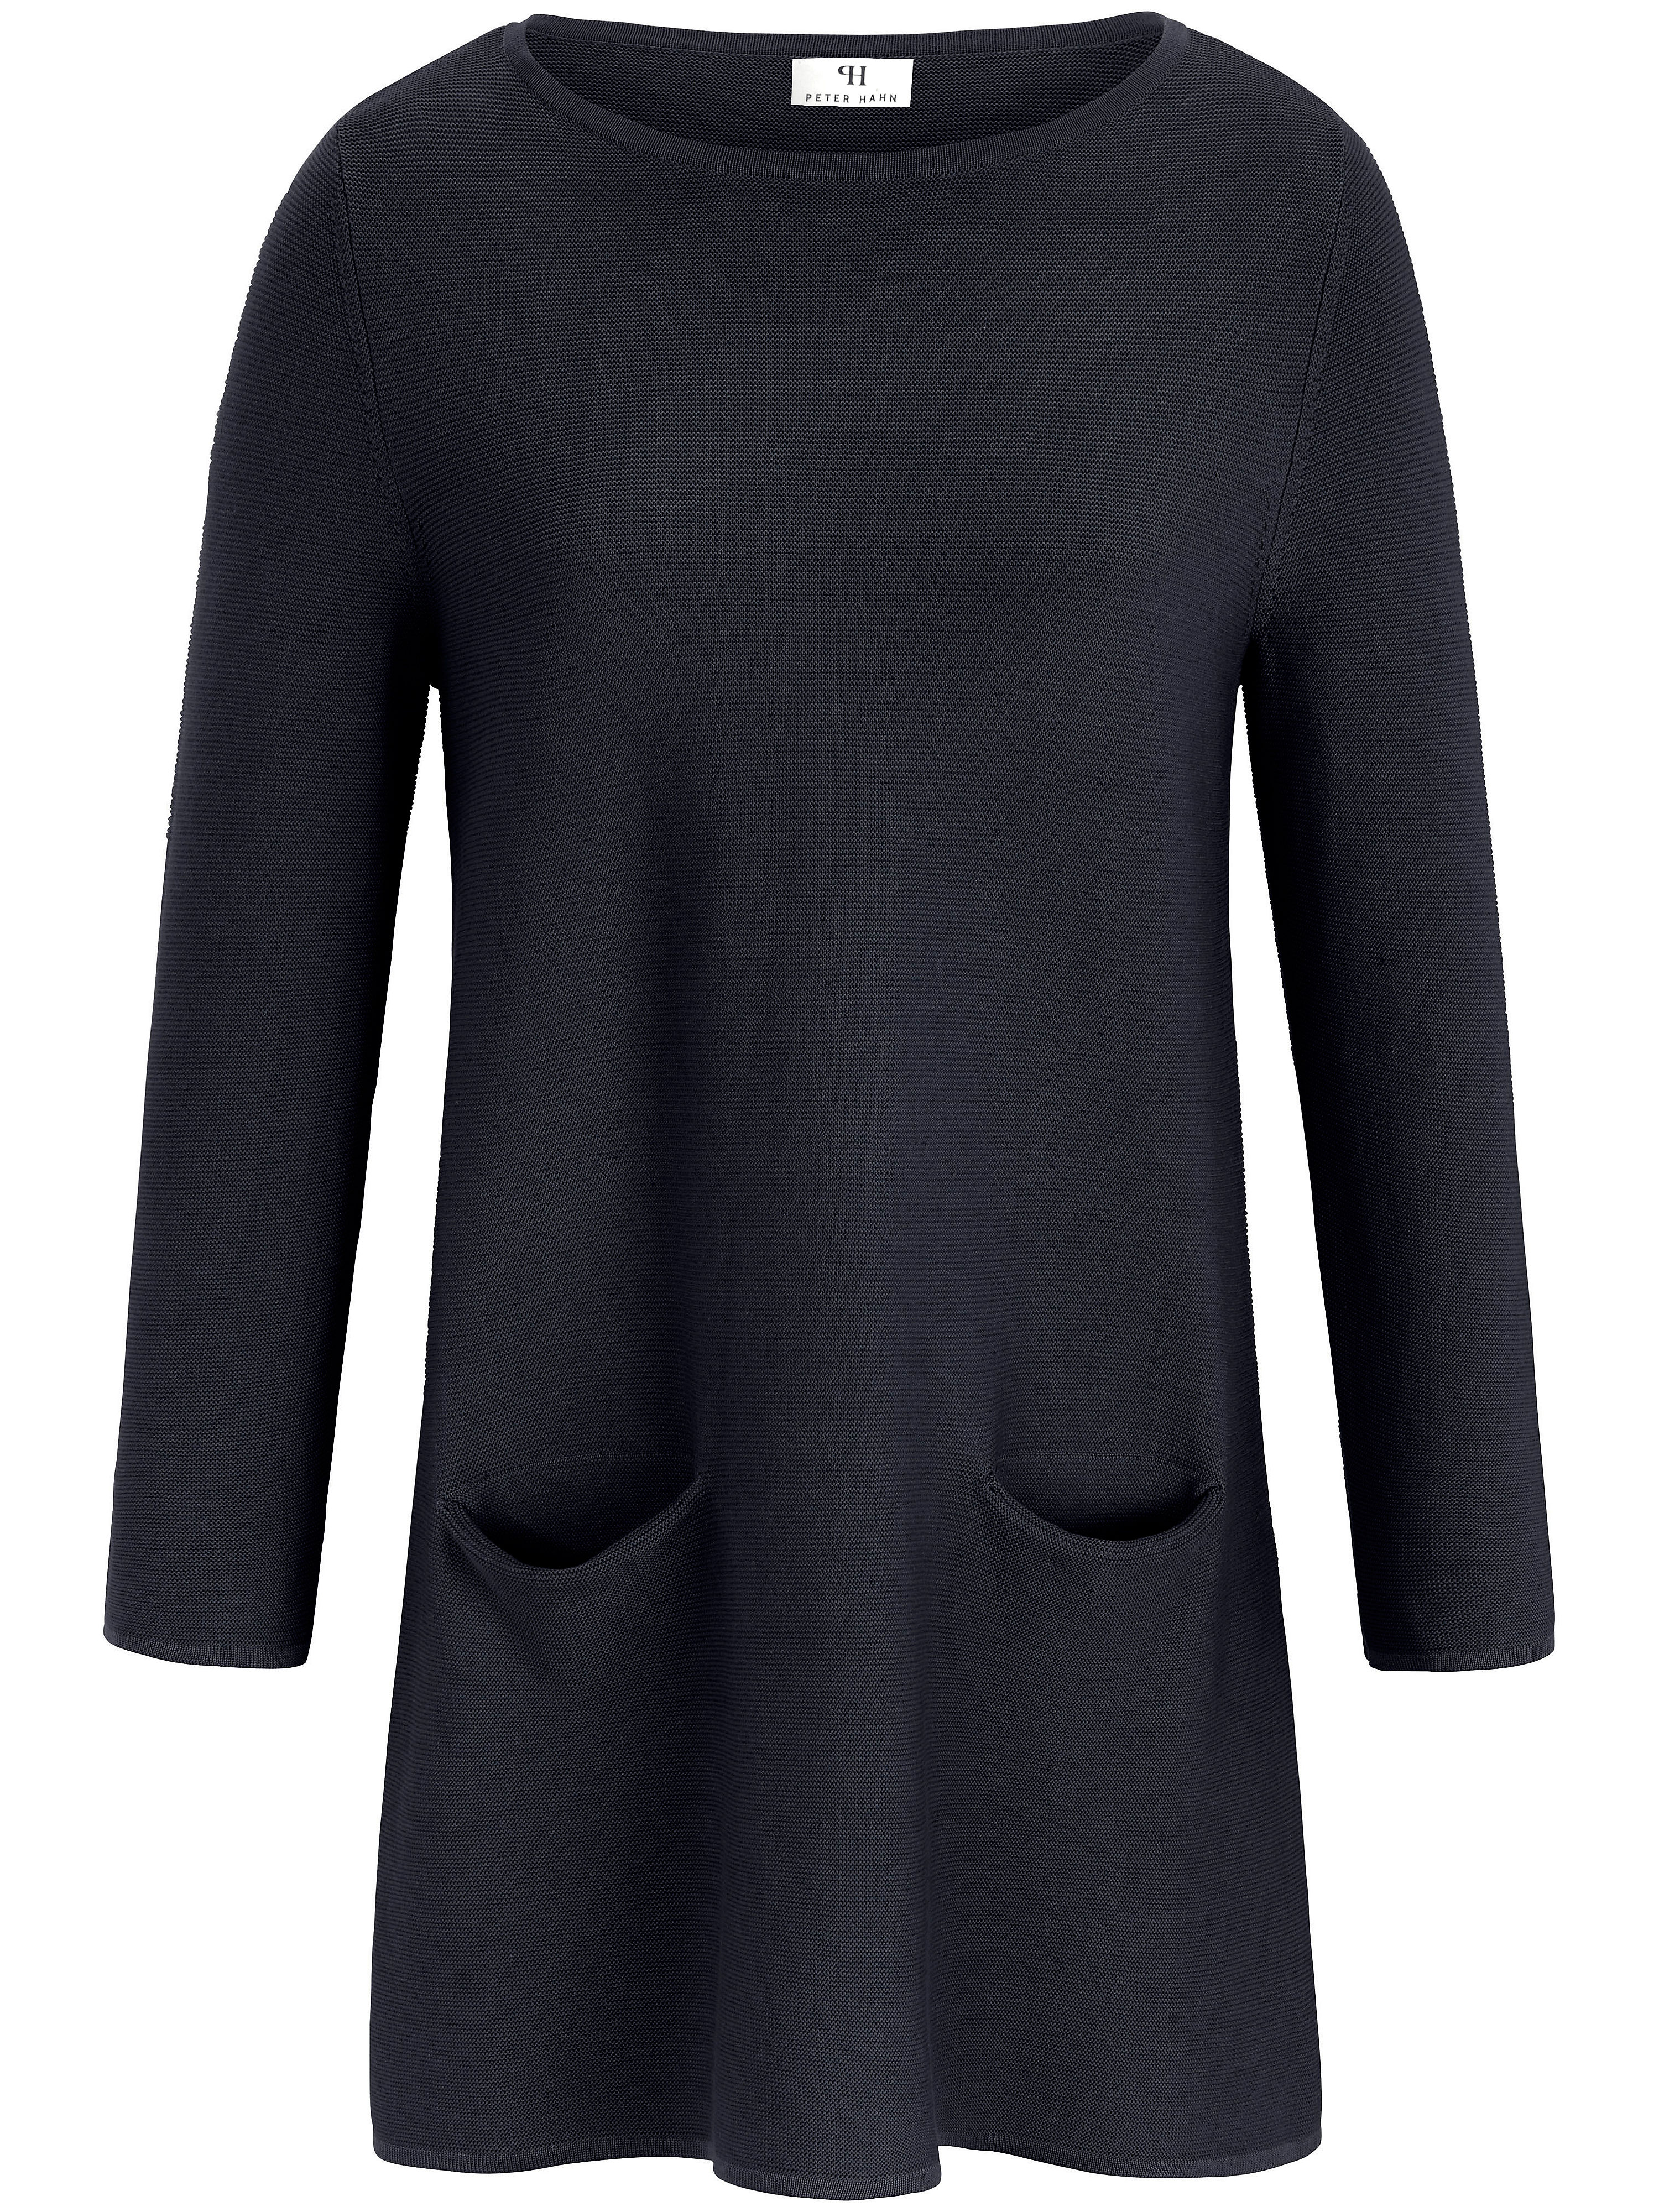 Peter Hahn Tröja krage i 100% ren ny ull, modell Achim från Peter Hahn blå